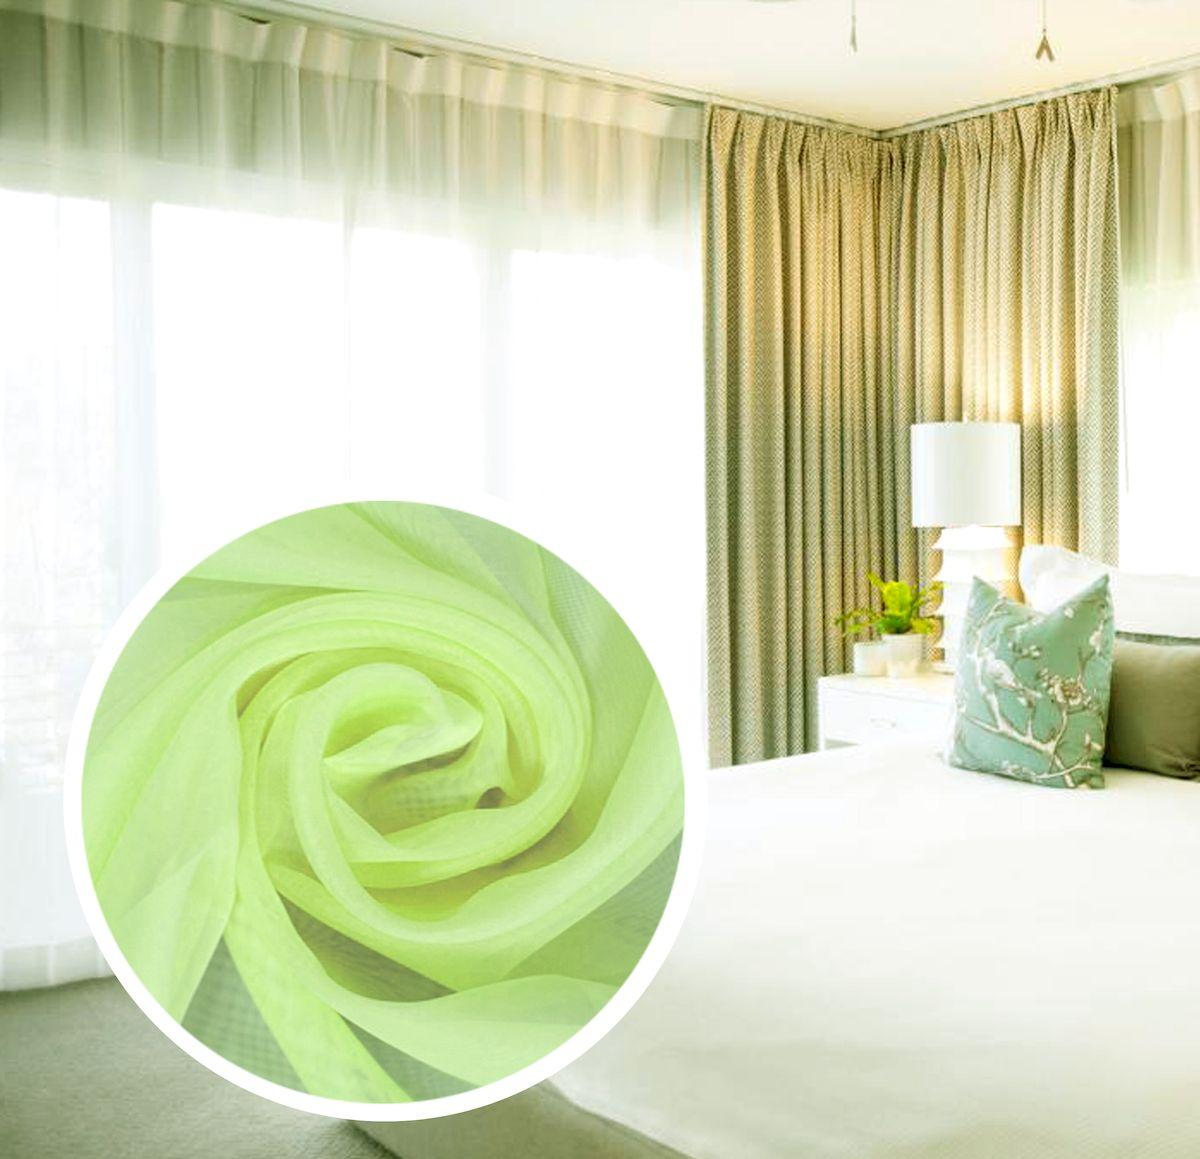 Вуаль Amore Mio Однотонная, на ленте, цвет: салатовый, высота 270 см. 7538575385Amore Mio - однотонная легкая вуаль нежного цвета в классическом исполнении, выполнена из полиэстера. Вуаль незаменимая деталь в оформлении окон спальни и гостиной. Она отлично сочетается практически с любыми портьерами.Изделие на шторной ленте, готово к использованию.Размер: 300 х 270 см.